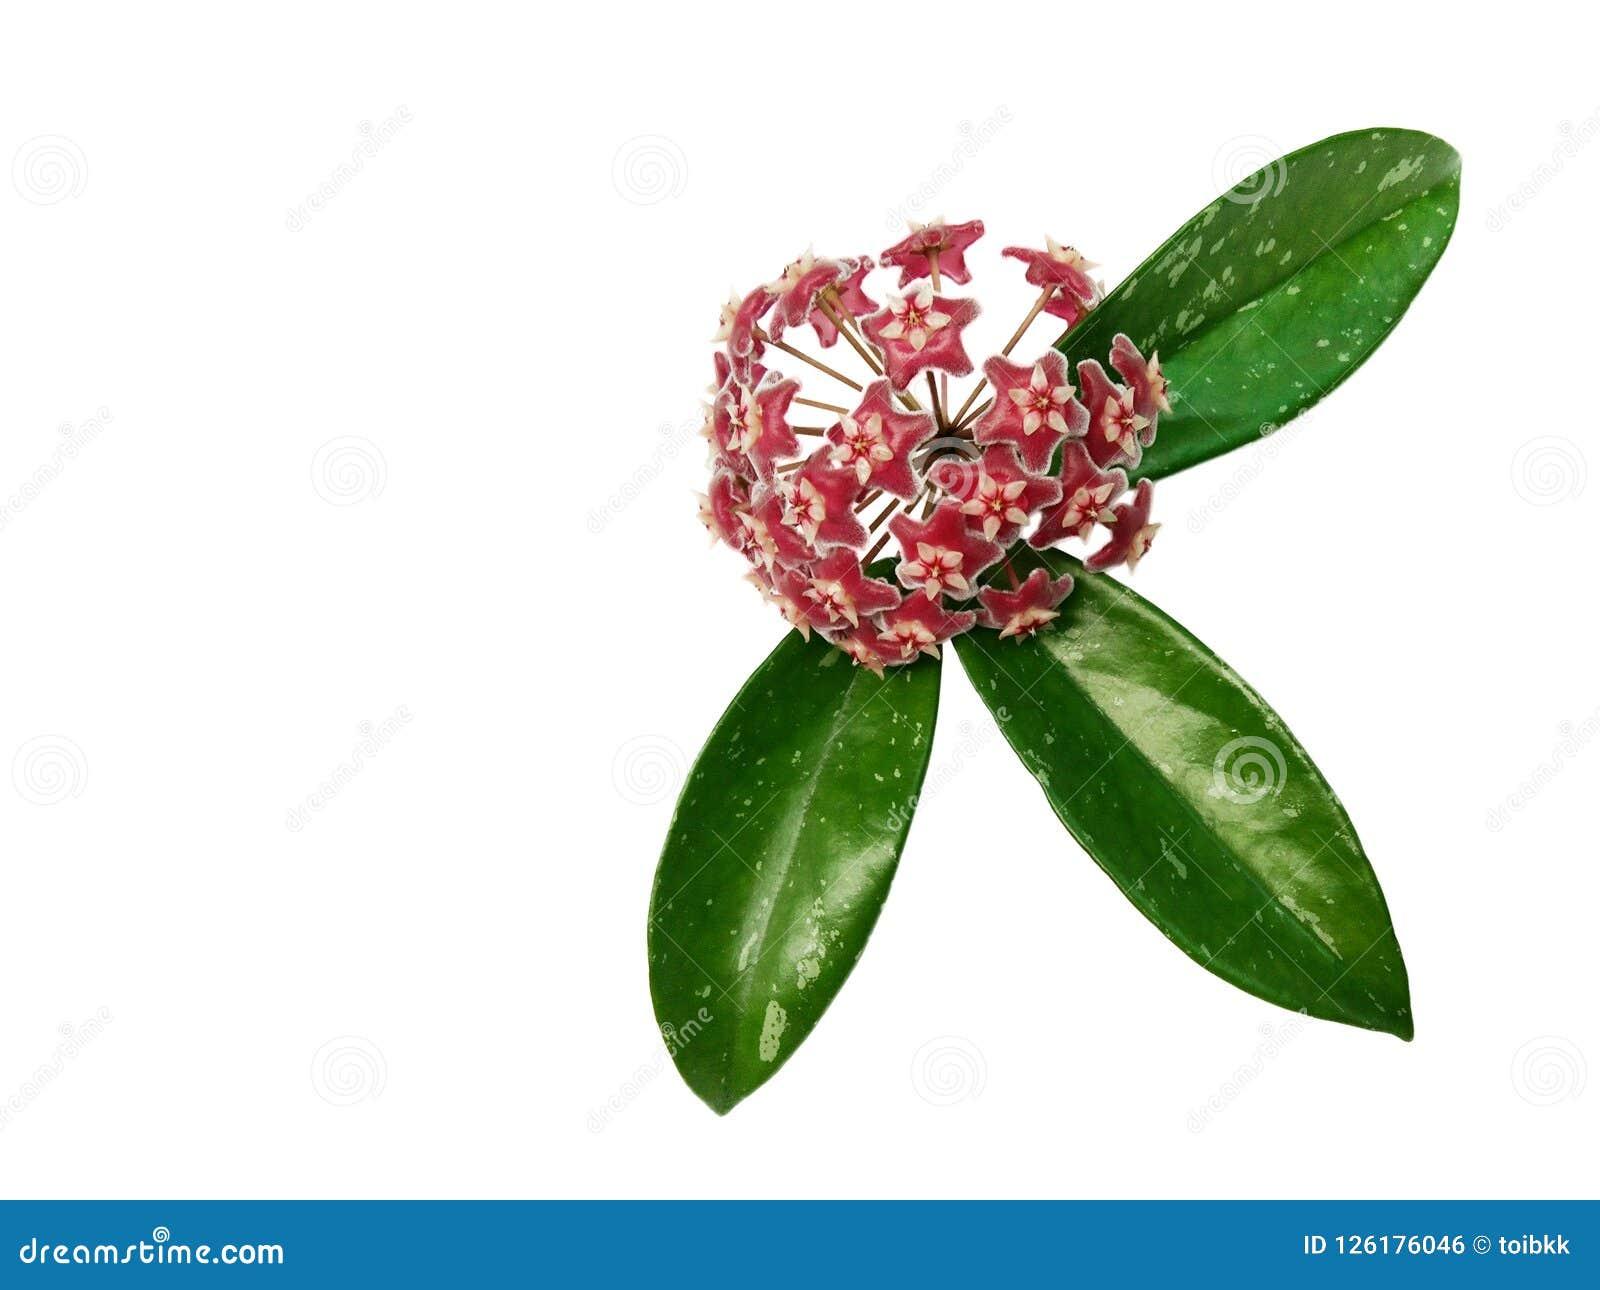 Hoya pubicalyx isoleerden de Roze zilveren bloem en de groene bladeren witte achtergrond